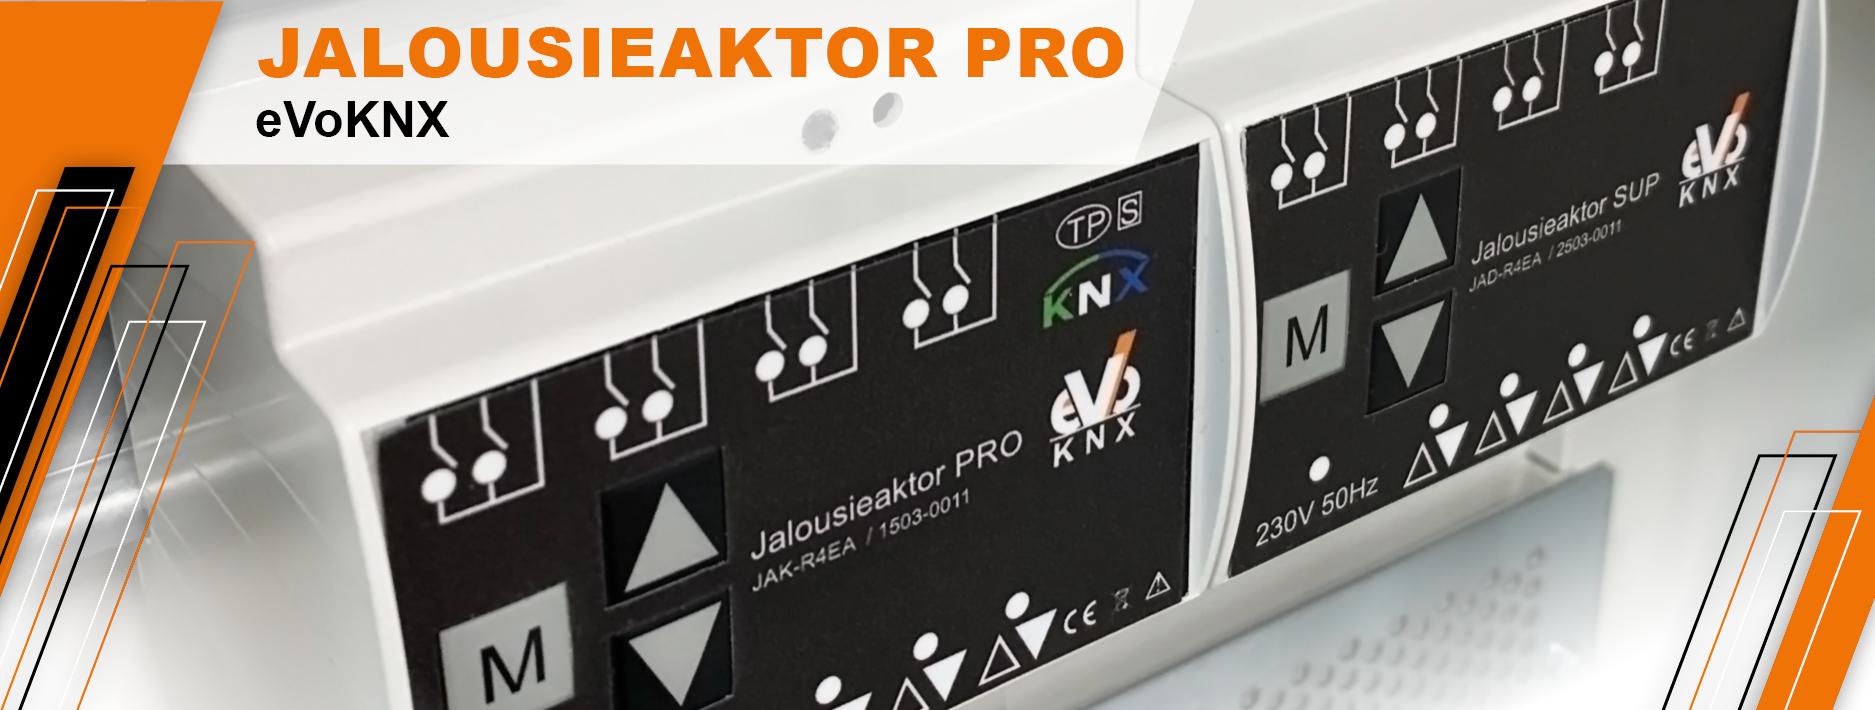 Jalousieaktor PRO